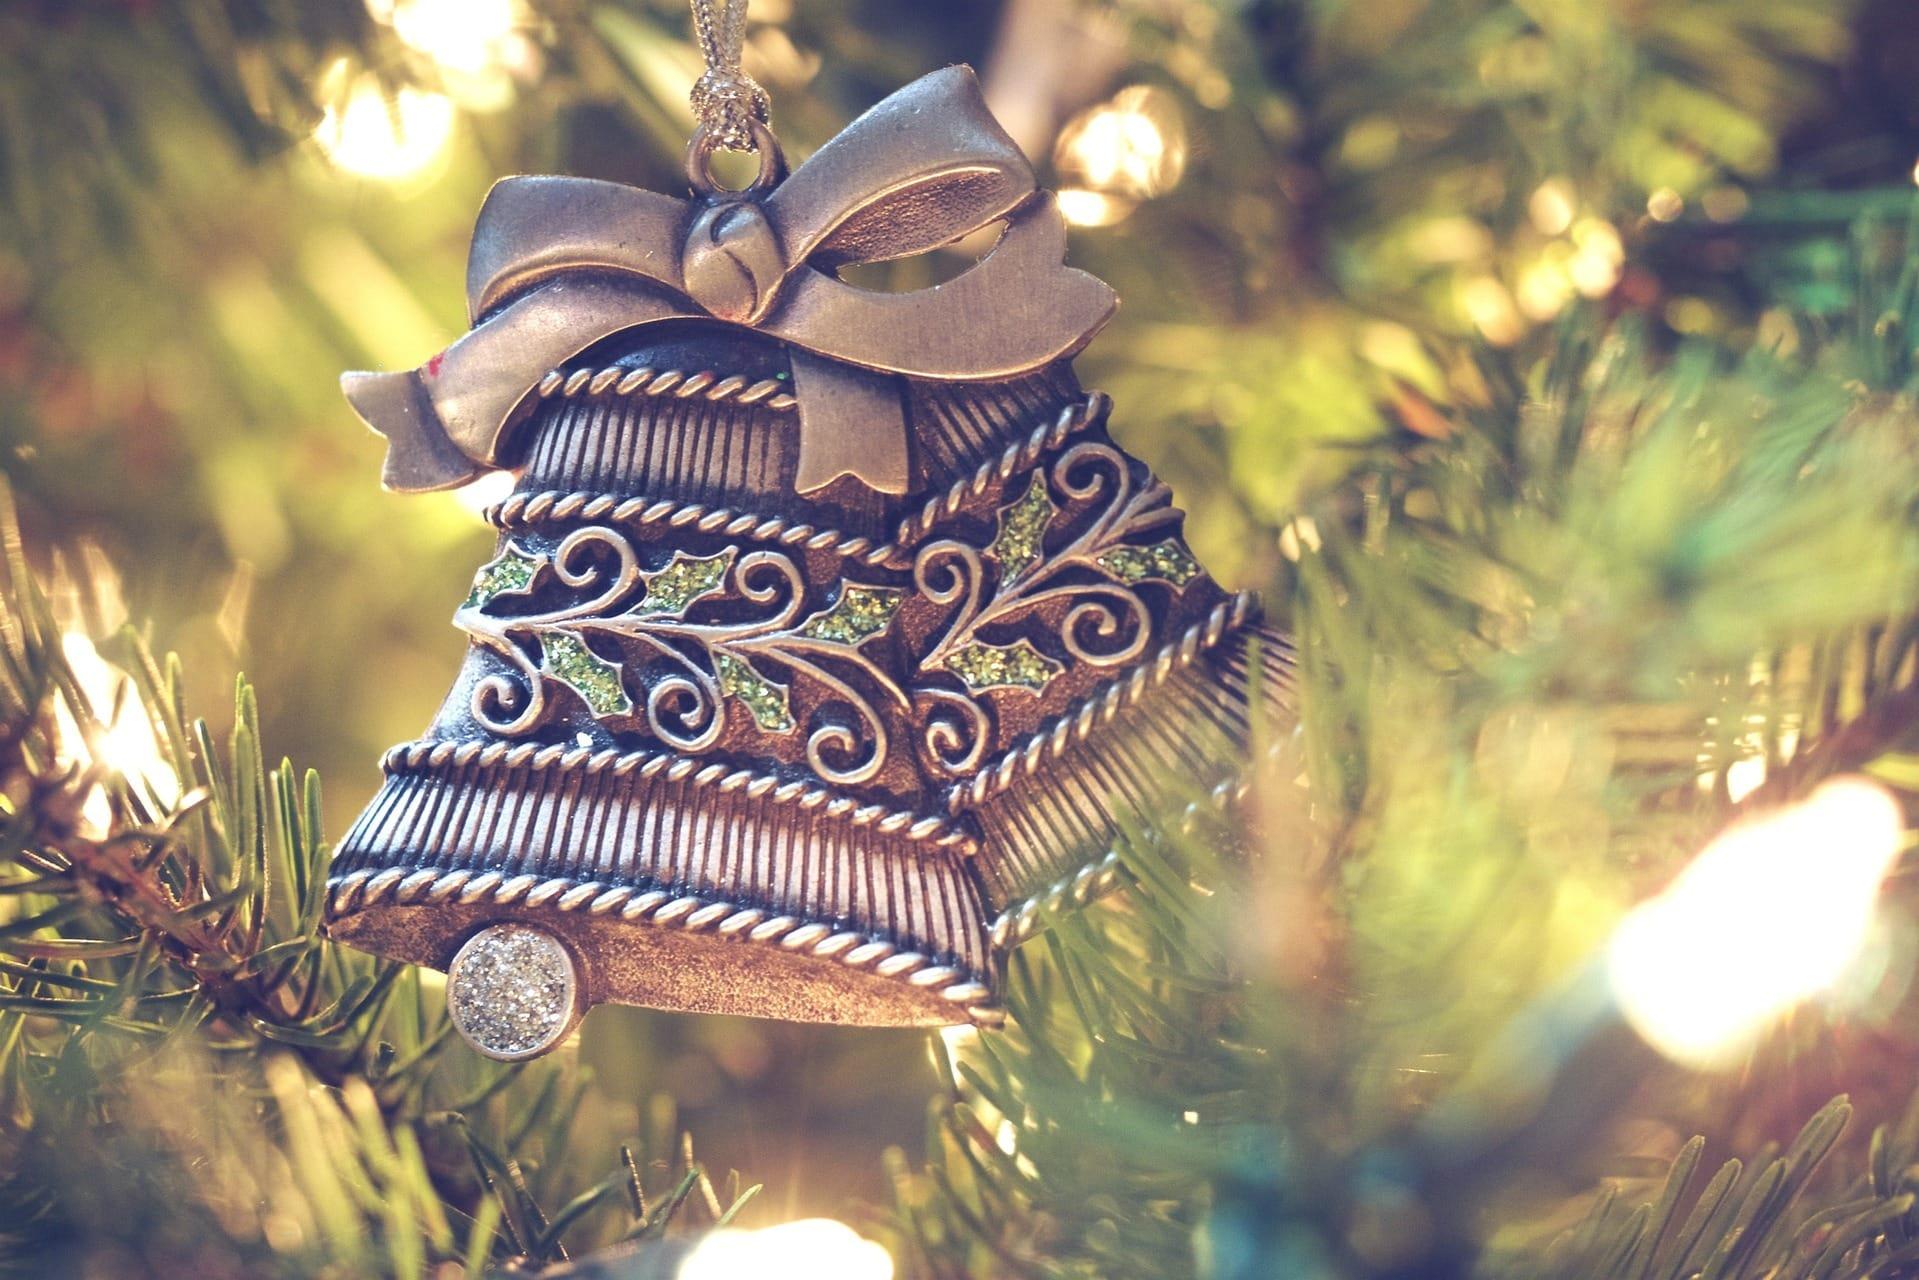 Faisin Joululahjakatalogi vuodelle 2017!